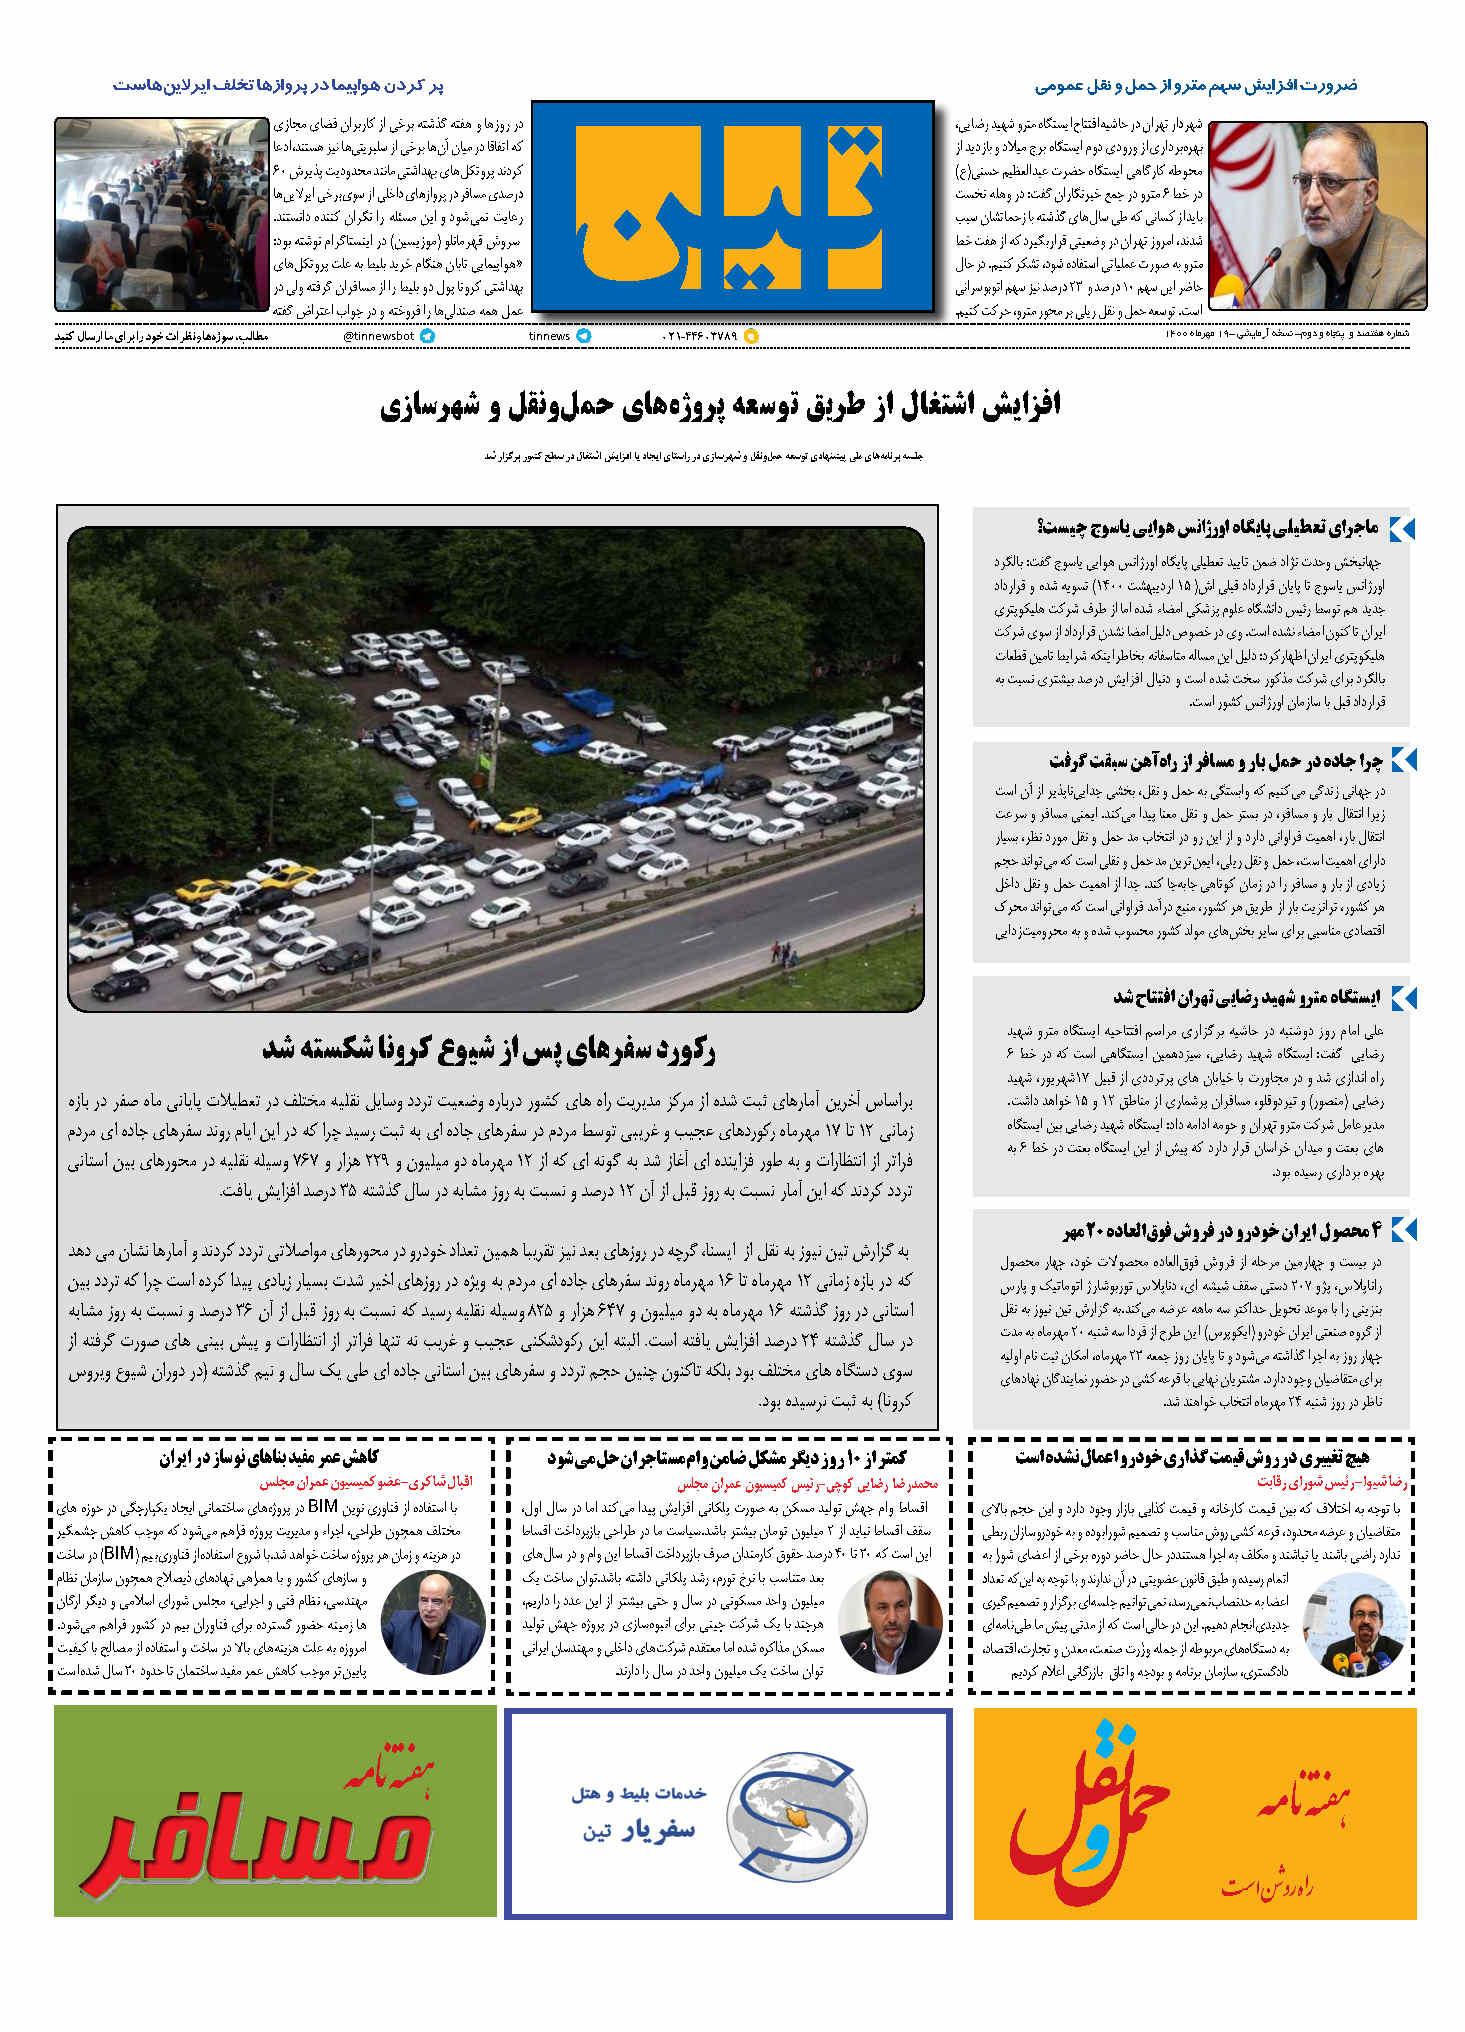 روزنامه الکترونیک 19 مهرماه 1400